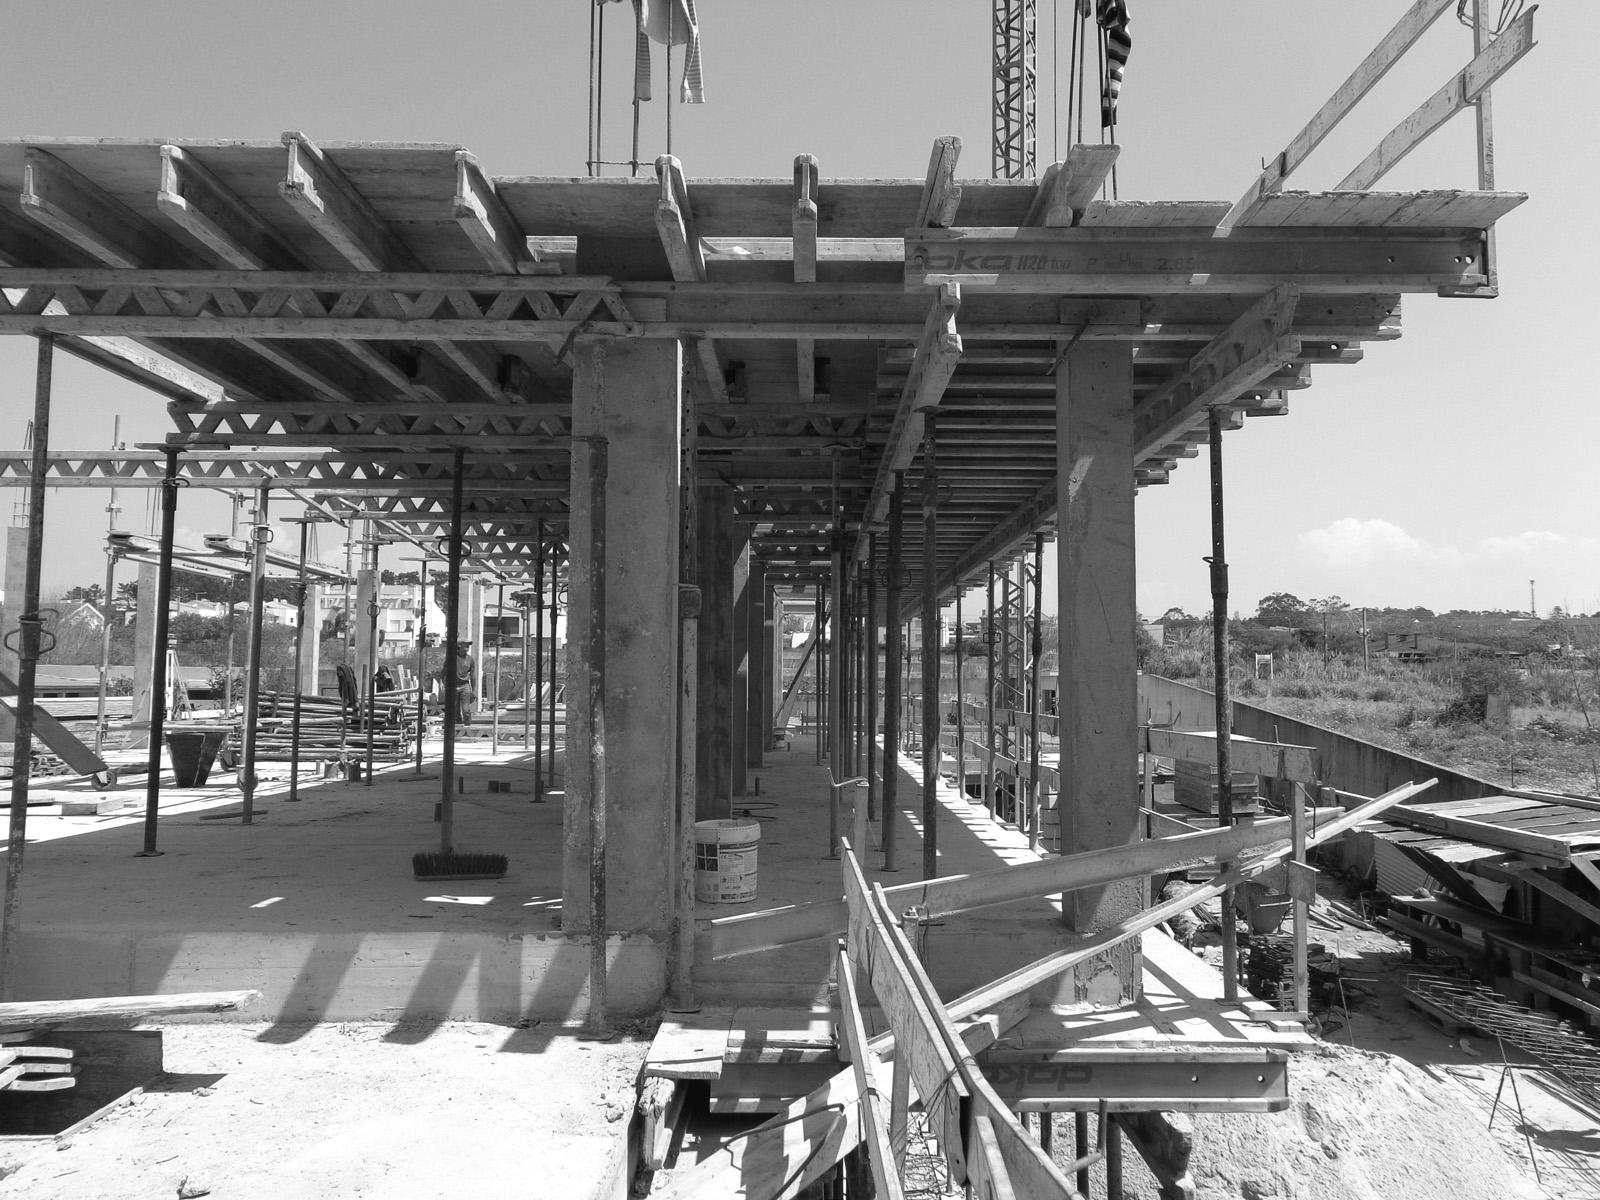 Moradia Alfazema - Construção - EVA evolutionary architecture - arquitectos porto - arquitectura (5).jpg